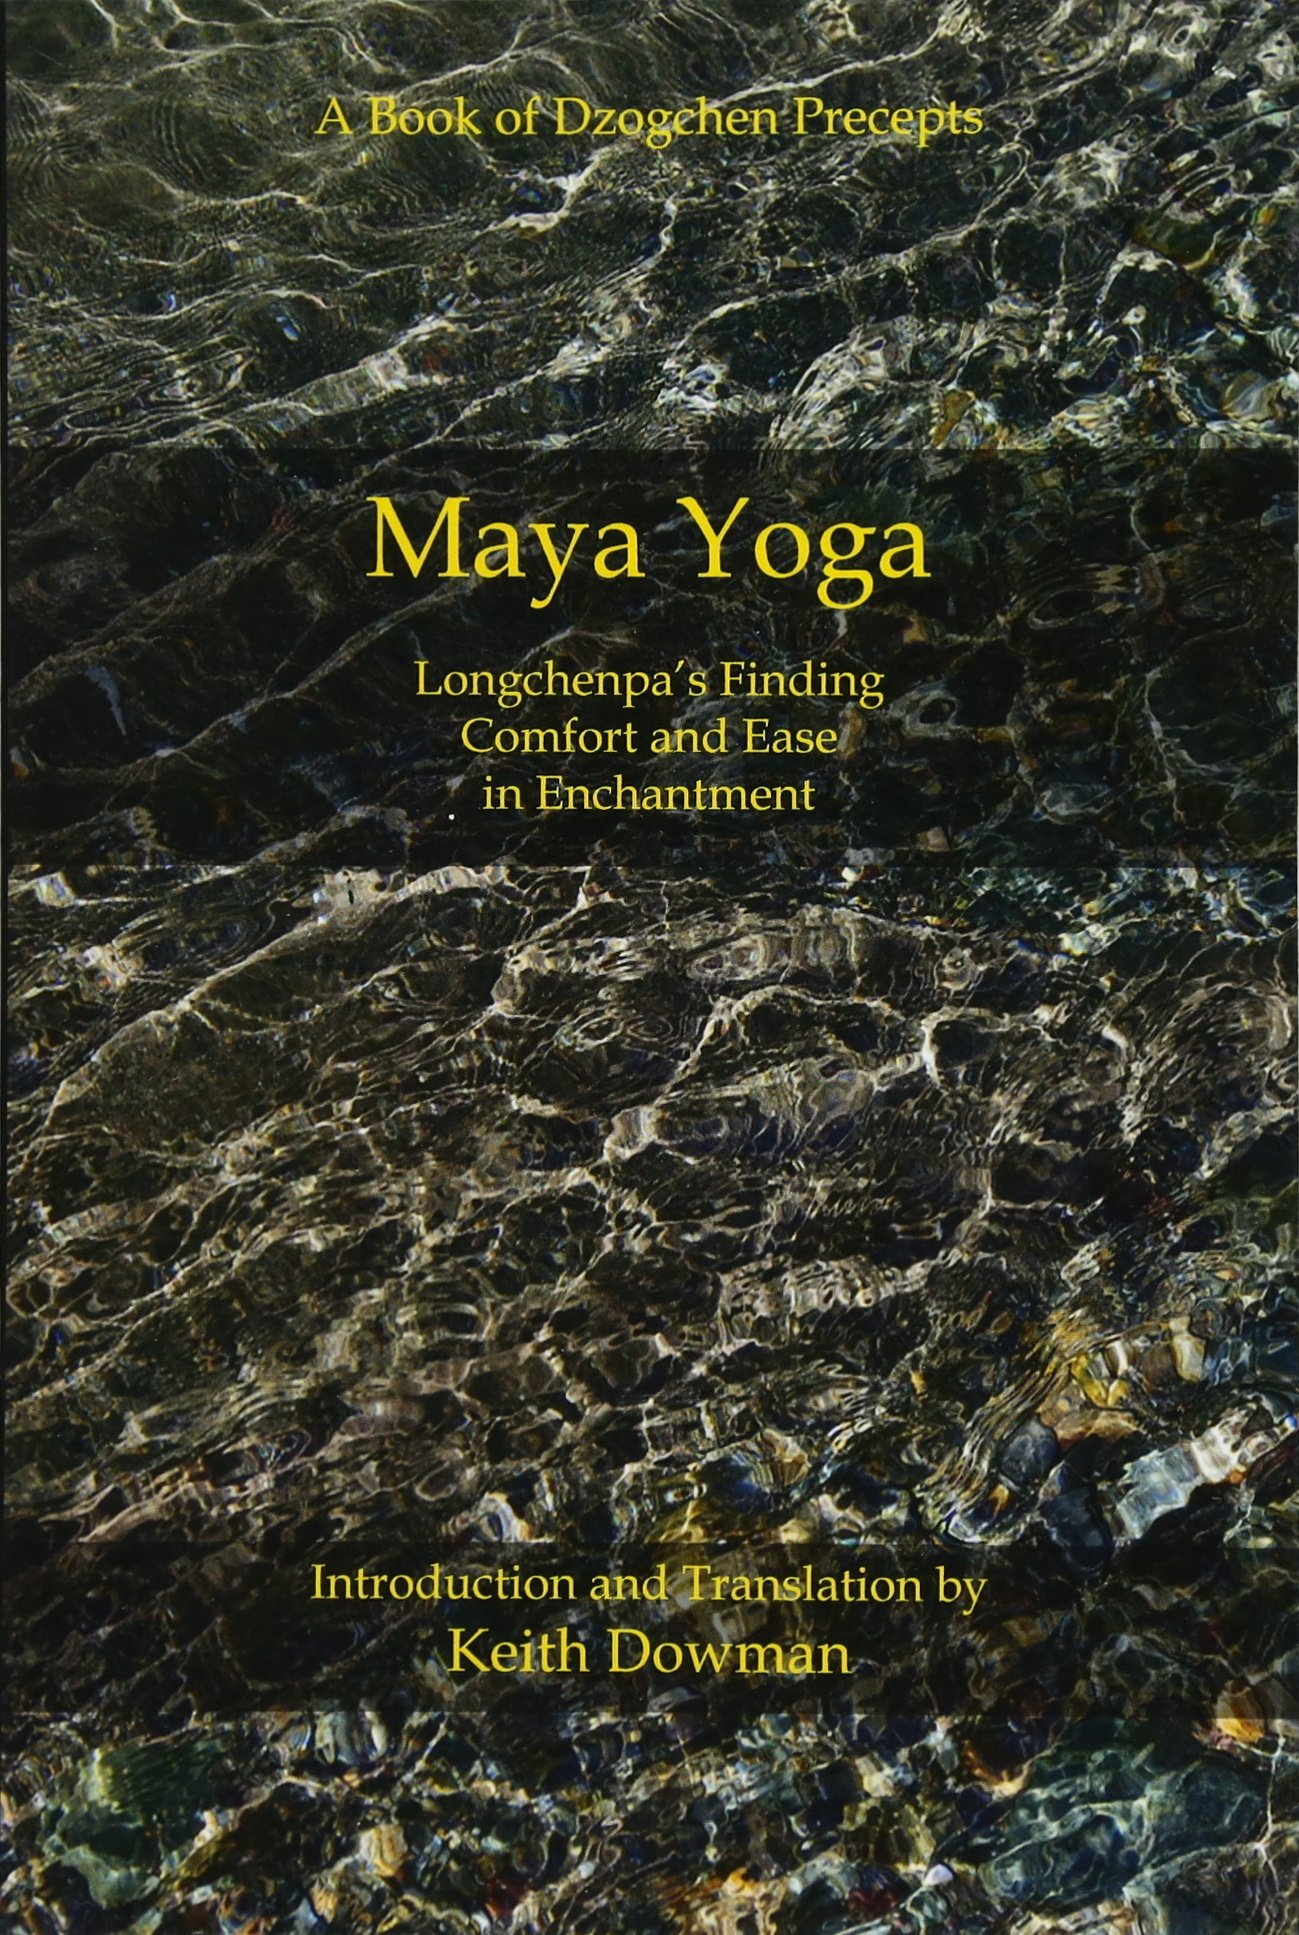 Amazon.com: Maya Yoga: Longchenpas Finding Comfort and Ease ...